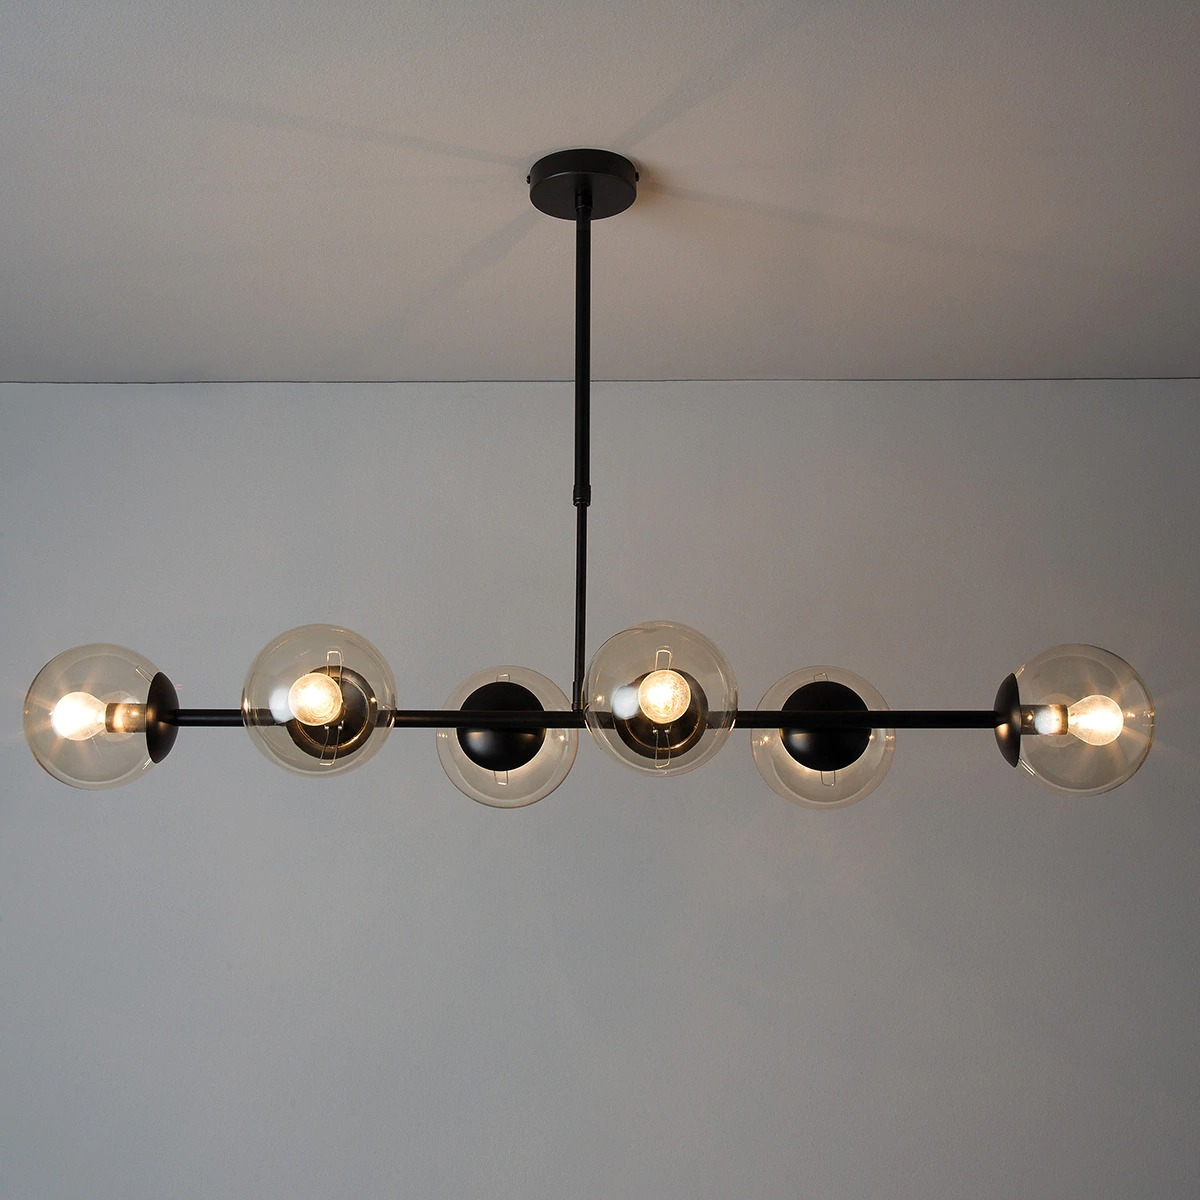 Lámpara de techo Ofelia Room - El Corte Inglés